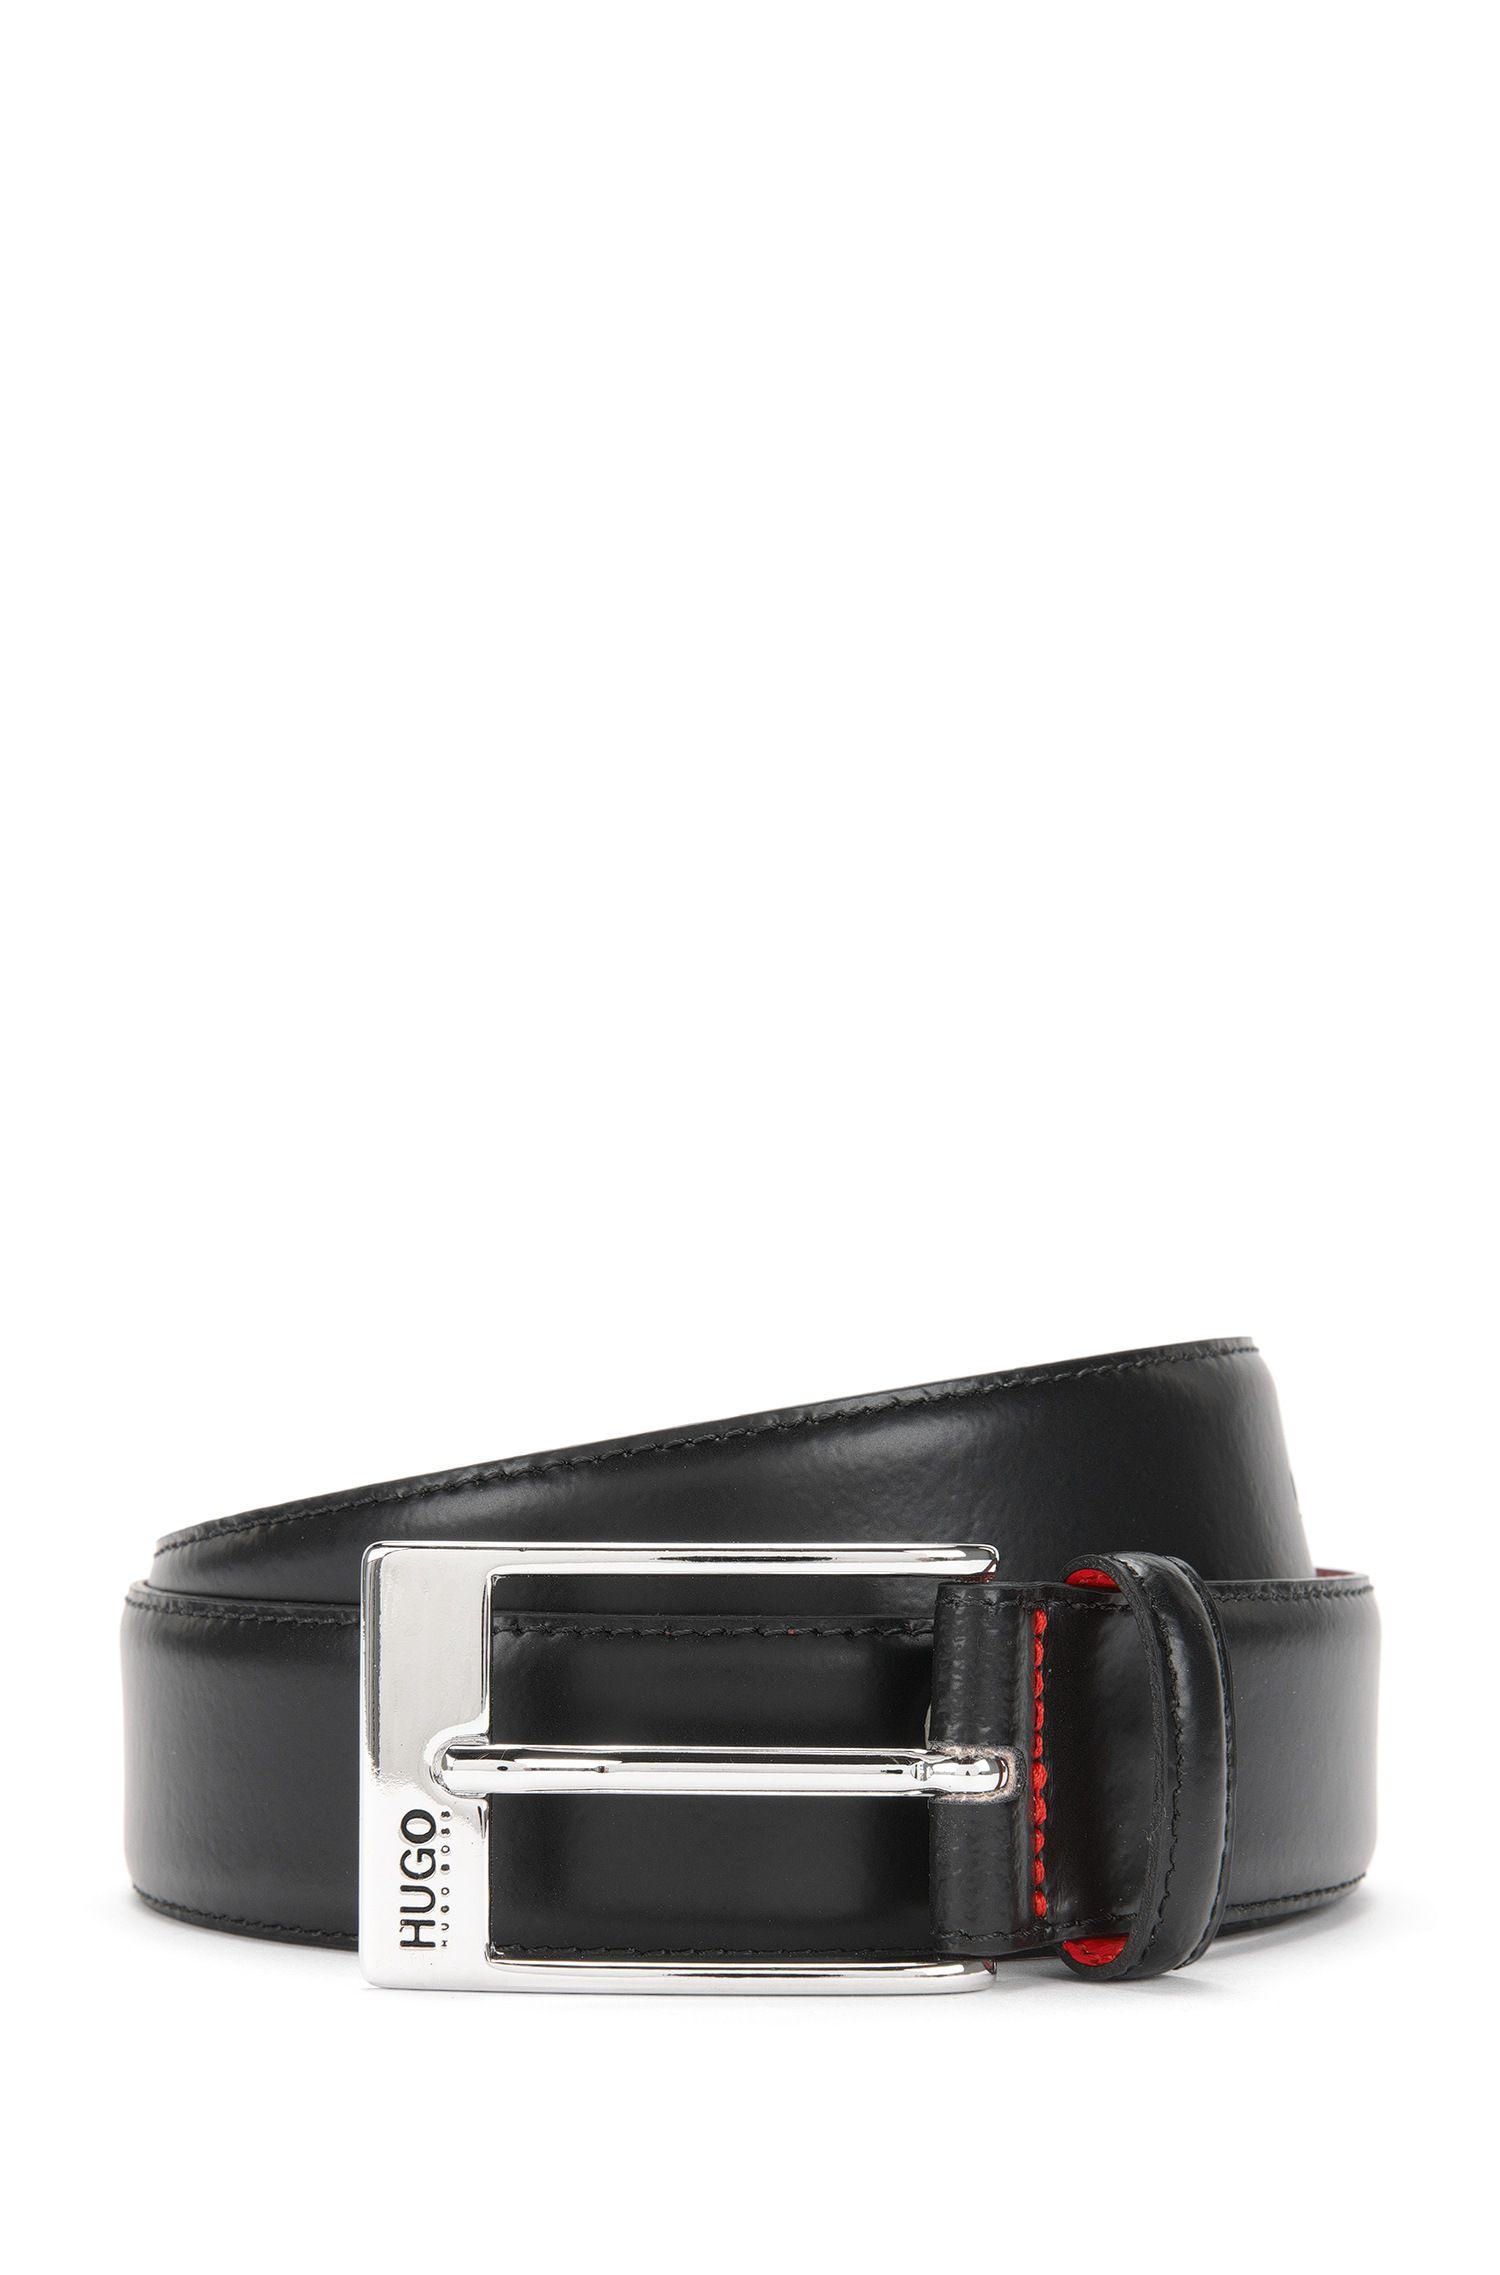 Cinturón de piel con hebilla pulida